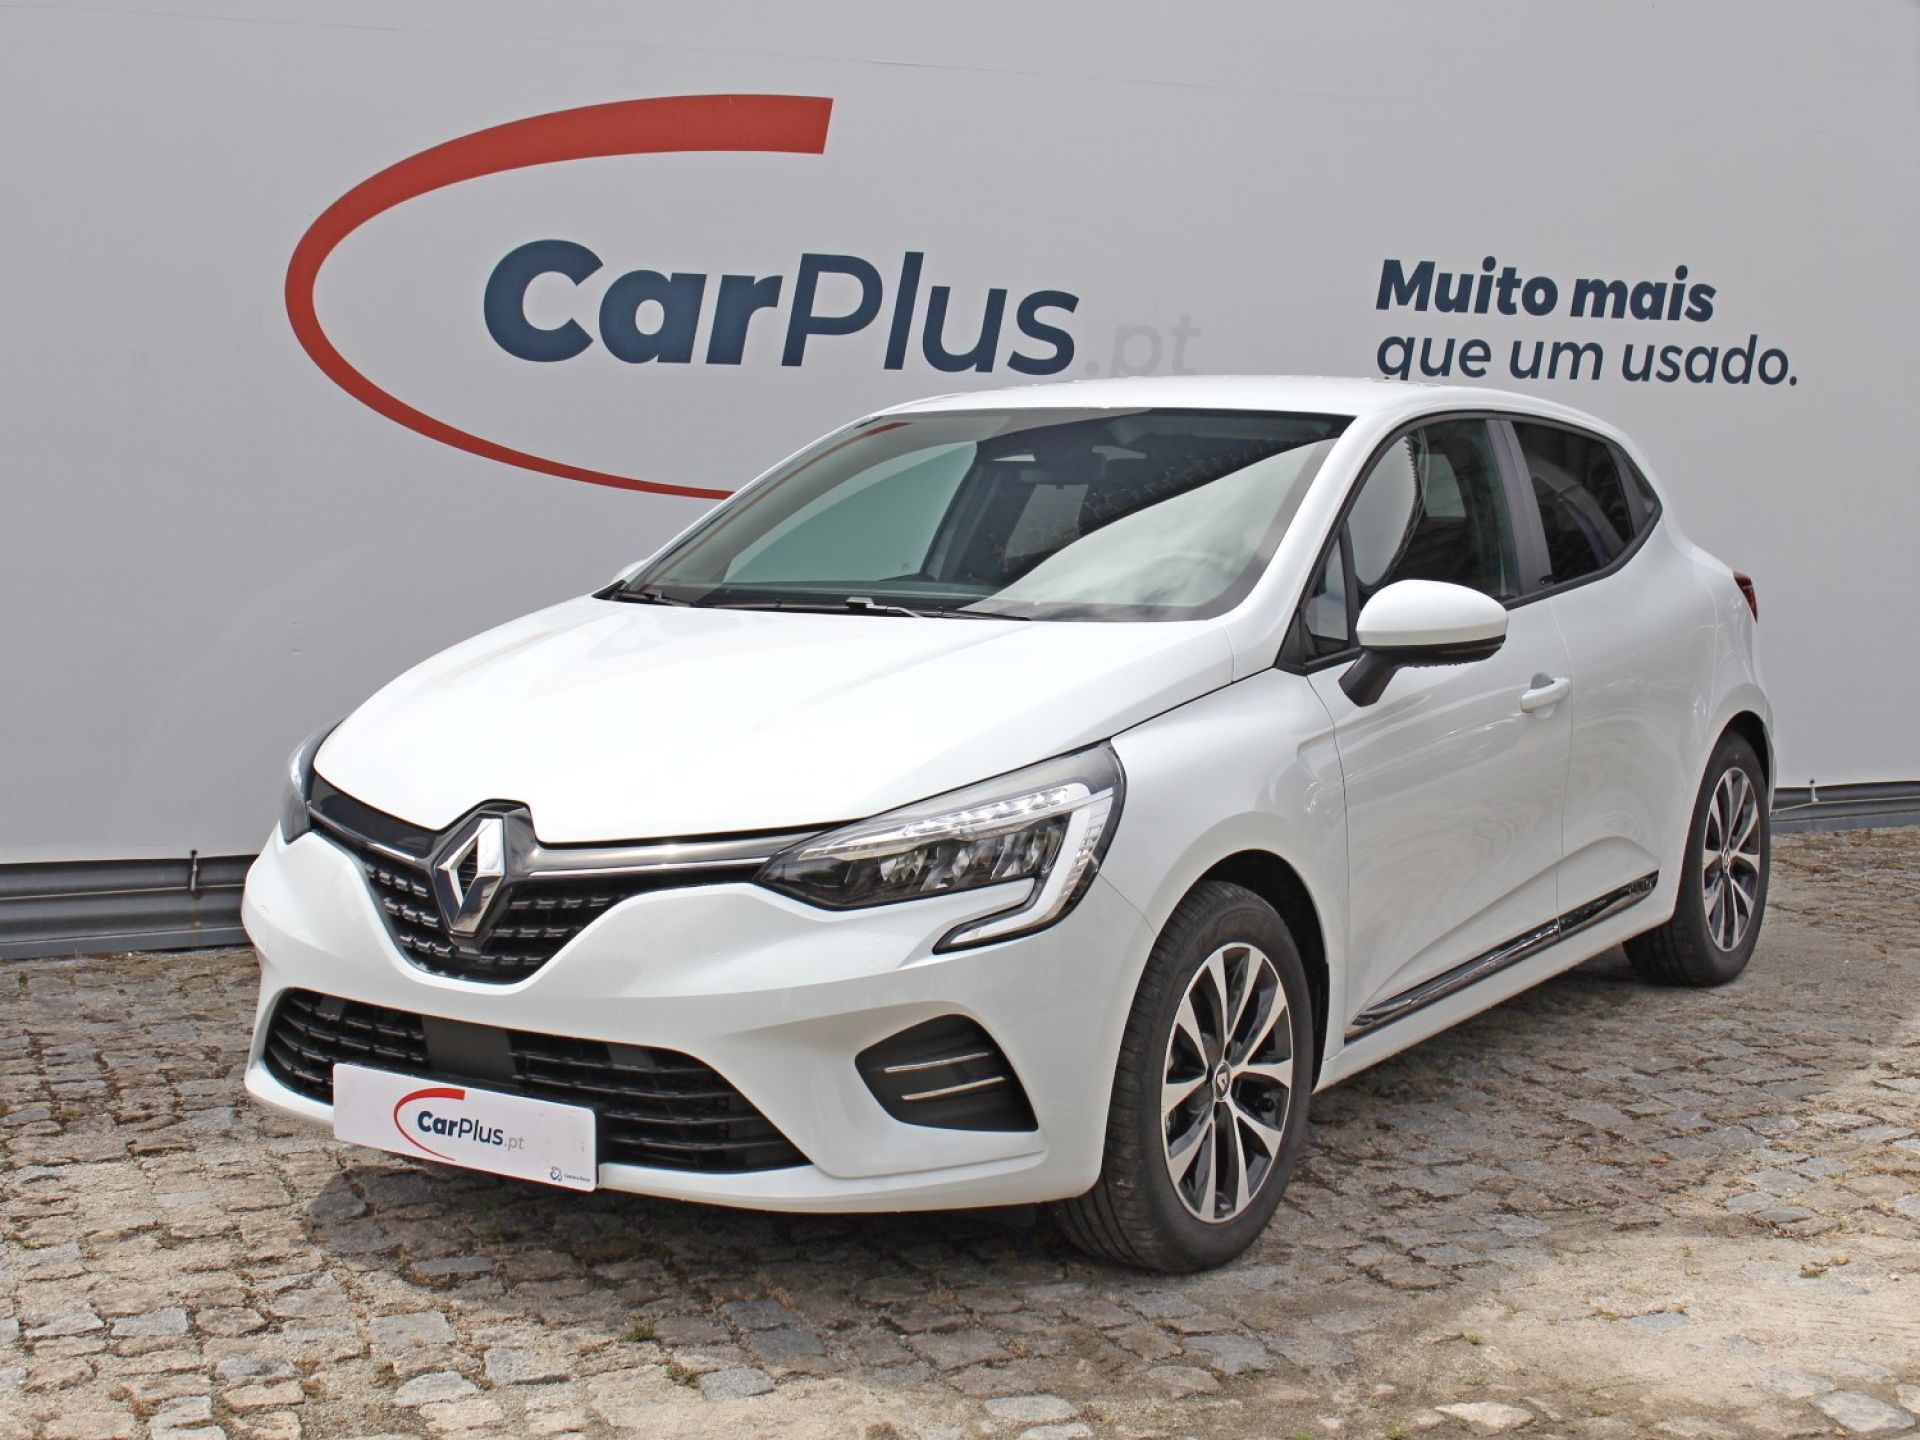 Renault Clio 1.6 E-Tech 140 Intens segunda mão Porto